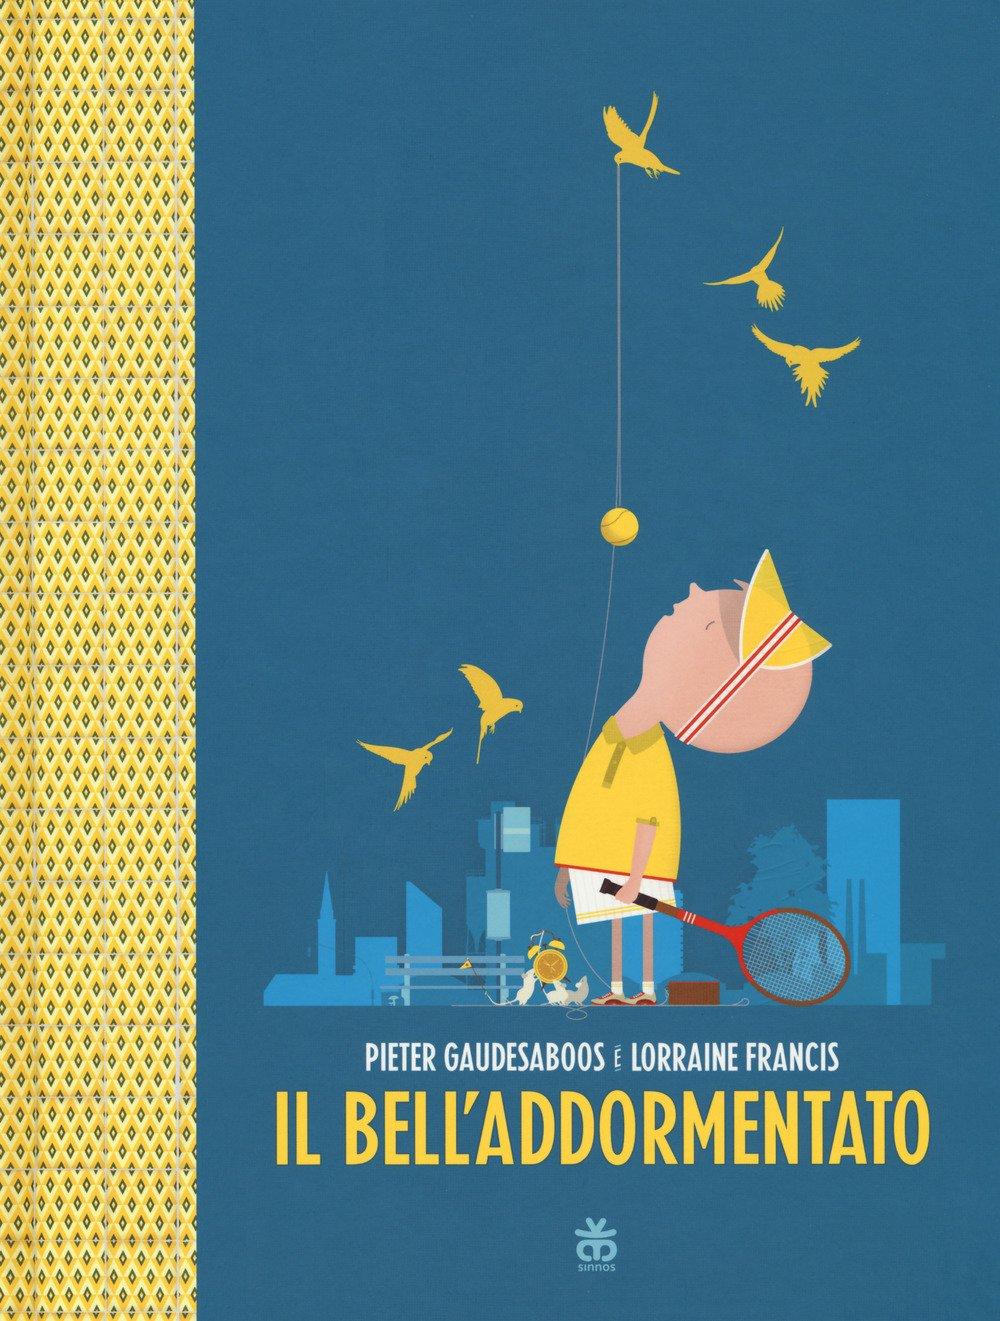 Il Belladdormentato Lorraine Francis 9788876093647 Amazoncom Books